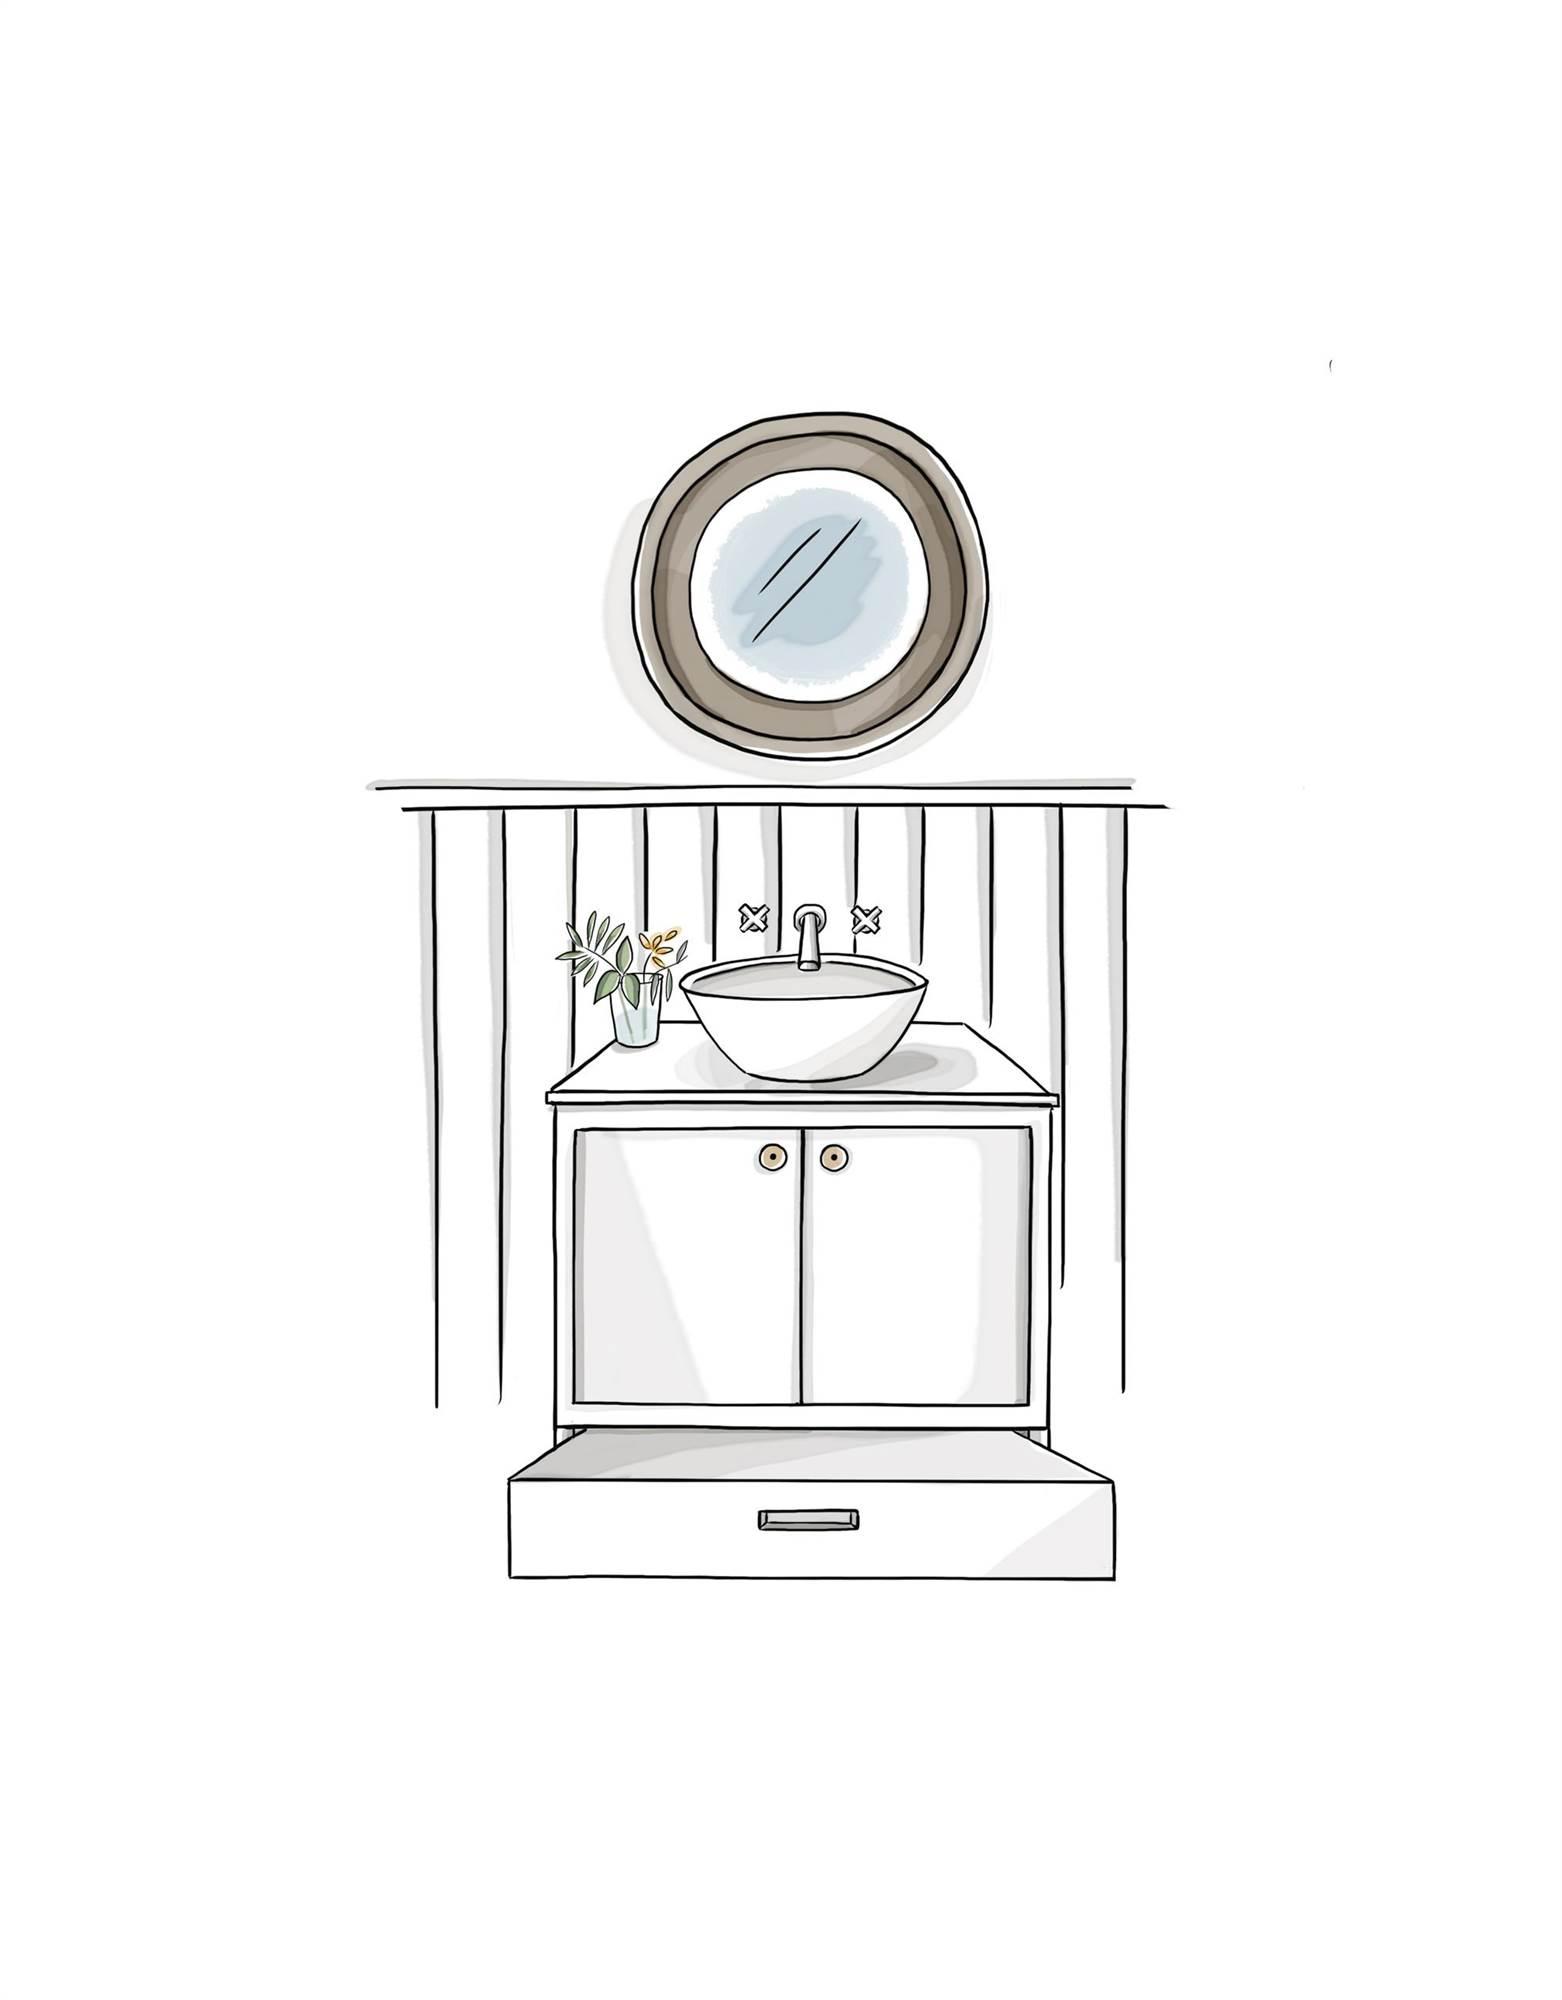 Muebles Ba O Decoraci N Accesorios Mamparas Y Azulejos Elmueble # Muebles Saphire